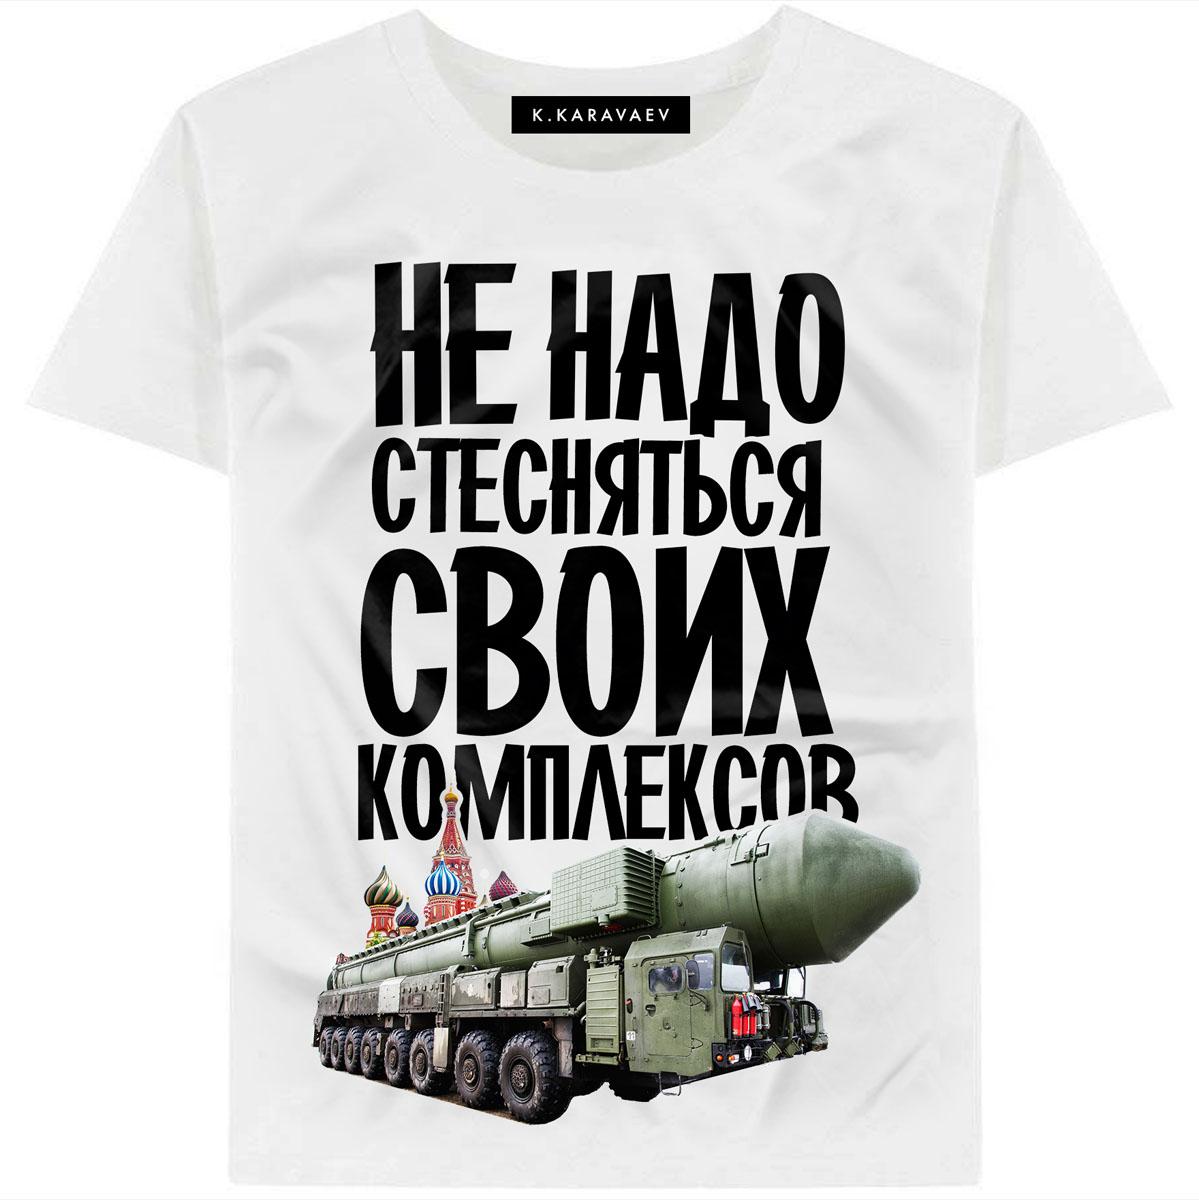 Футболка K.Karavaev Комплексы, цвет: белый. 001-004-01/001. Размер XL (52) armte 001